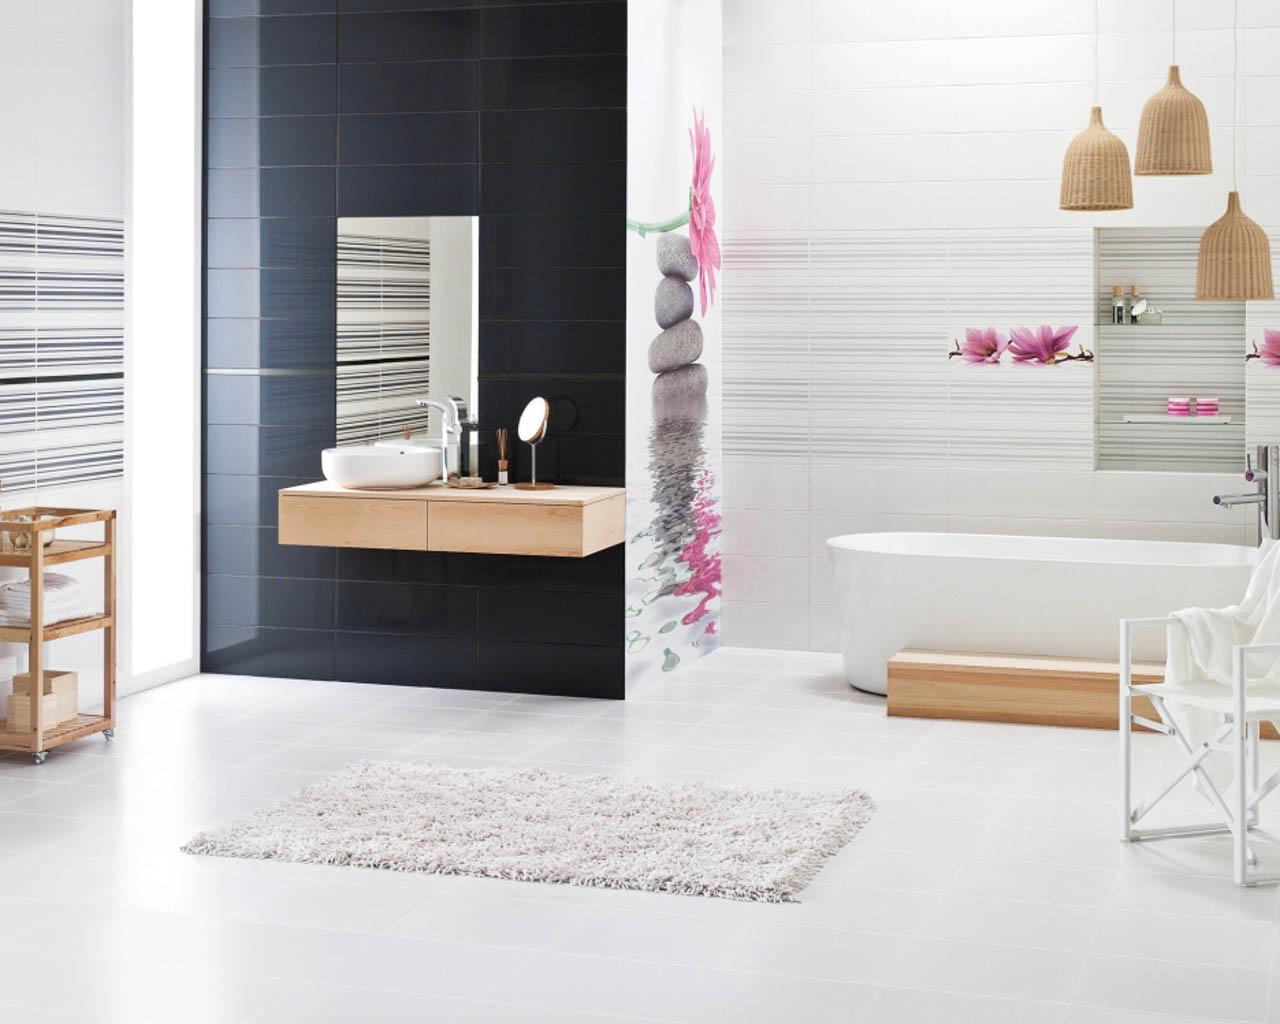 Harmonia barw i motywów dekoracyjnych w przestronnej łazience